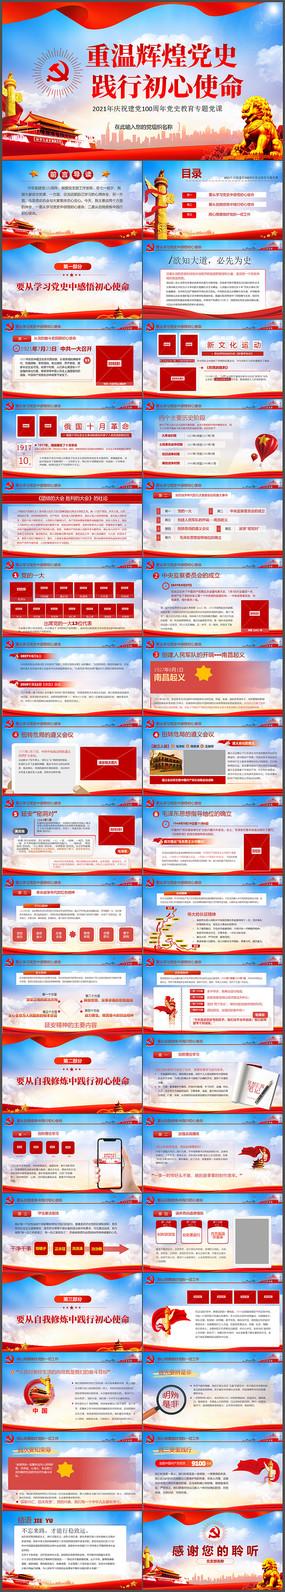 中国共产党百年辉煌党史学习专题党课PPT